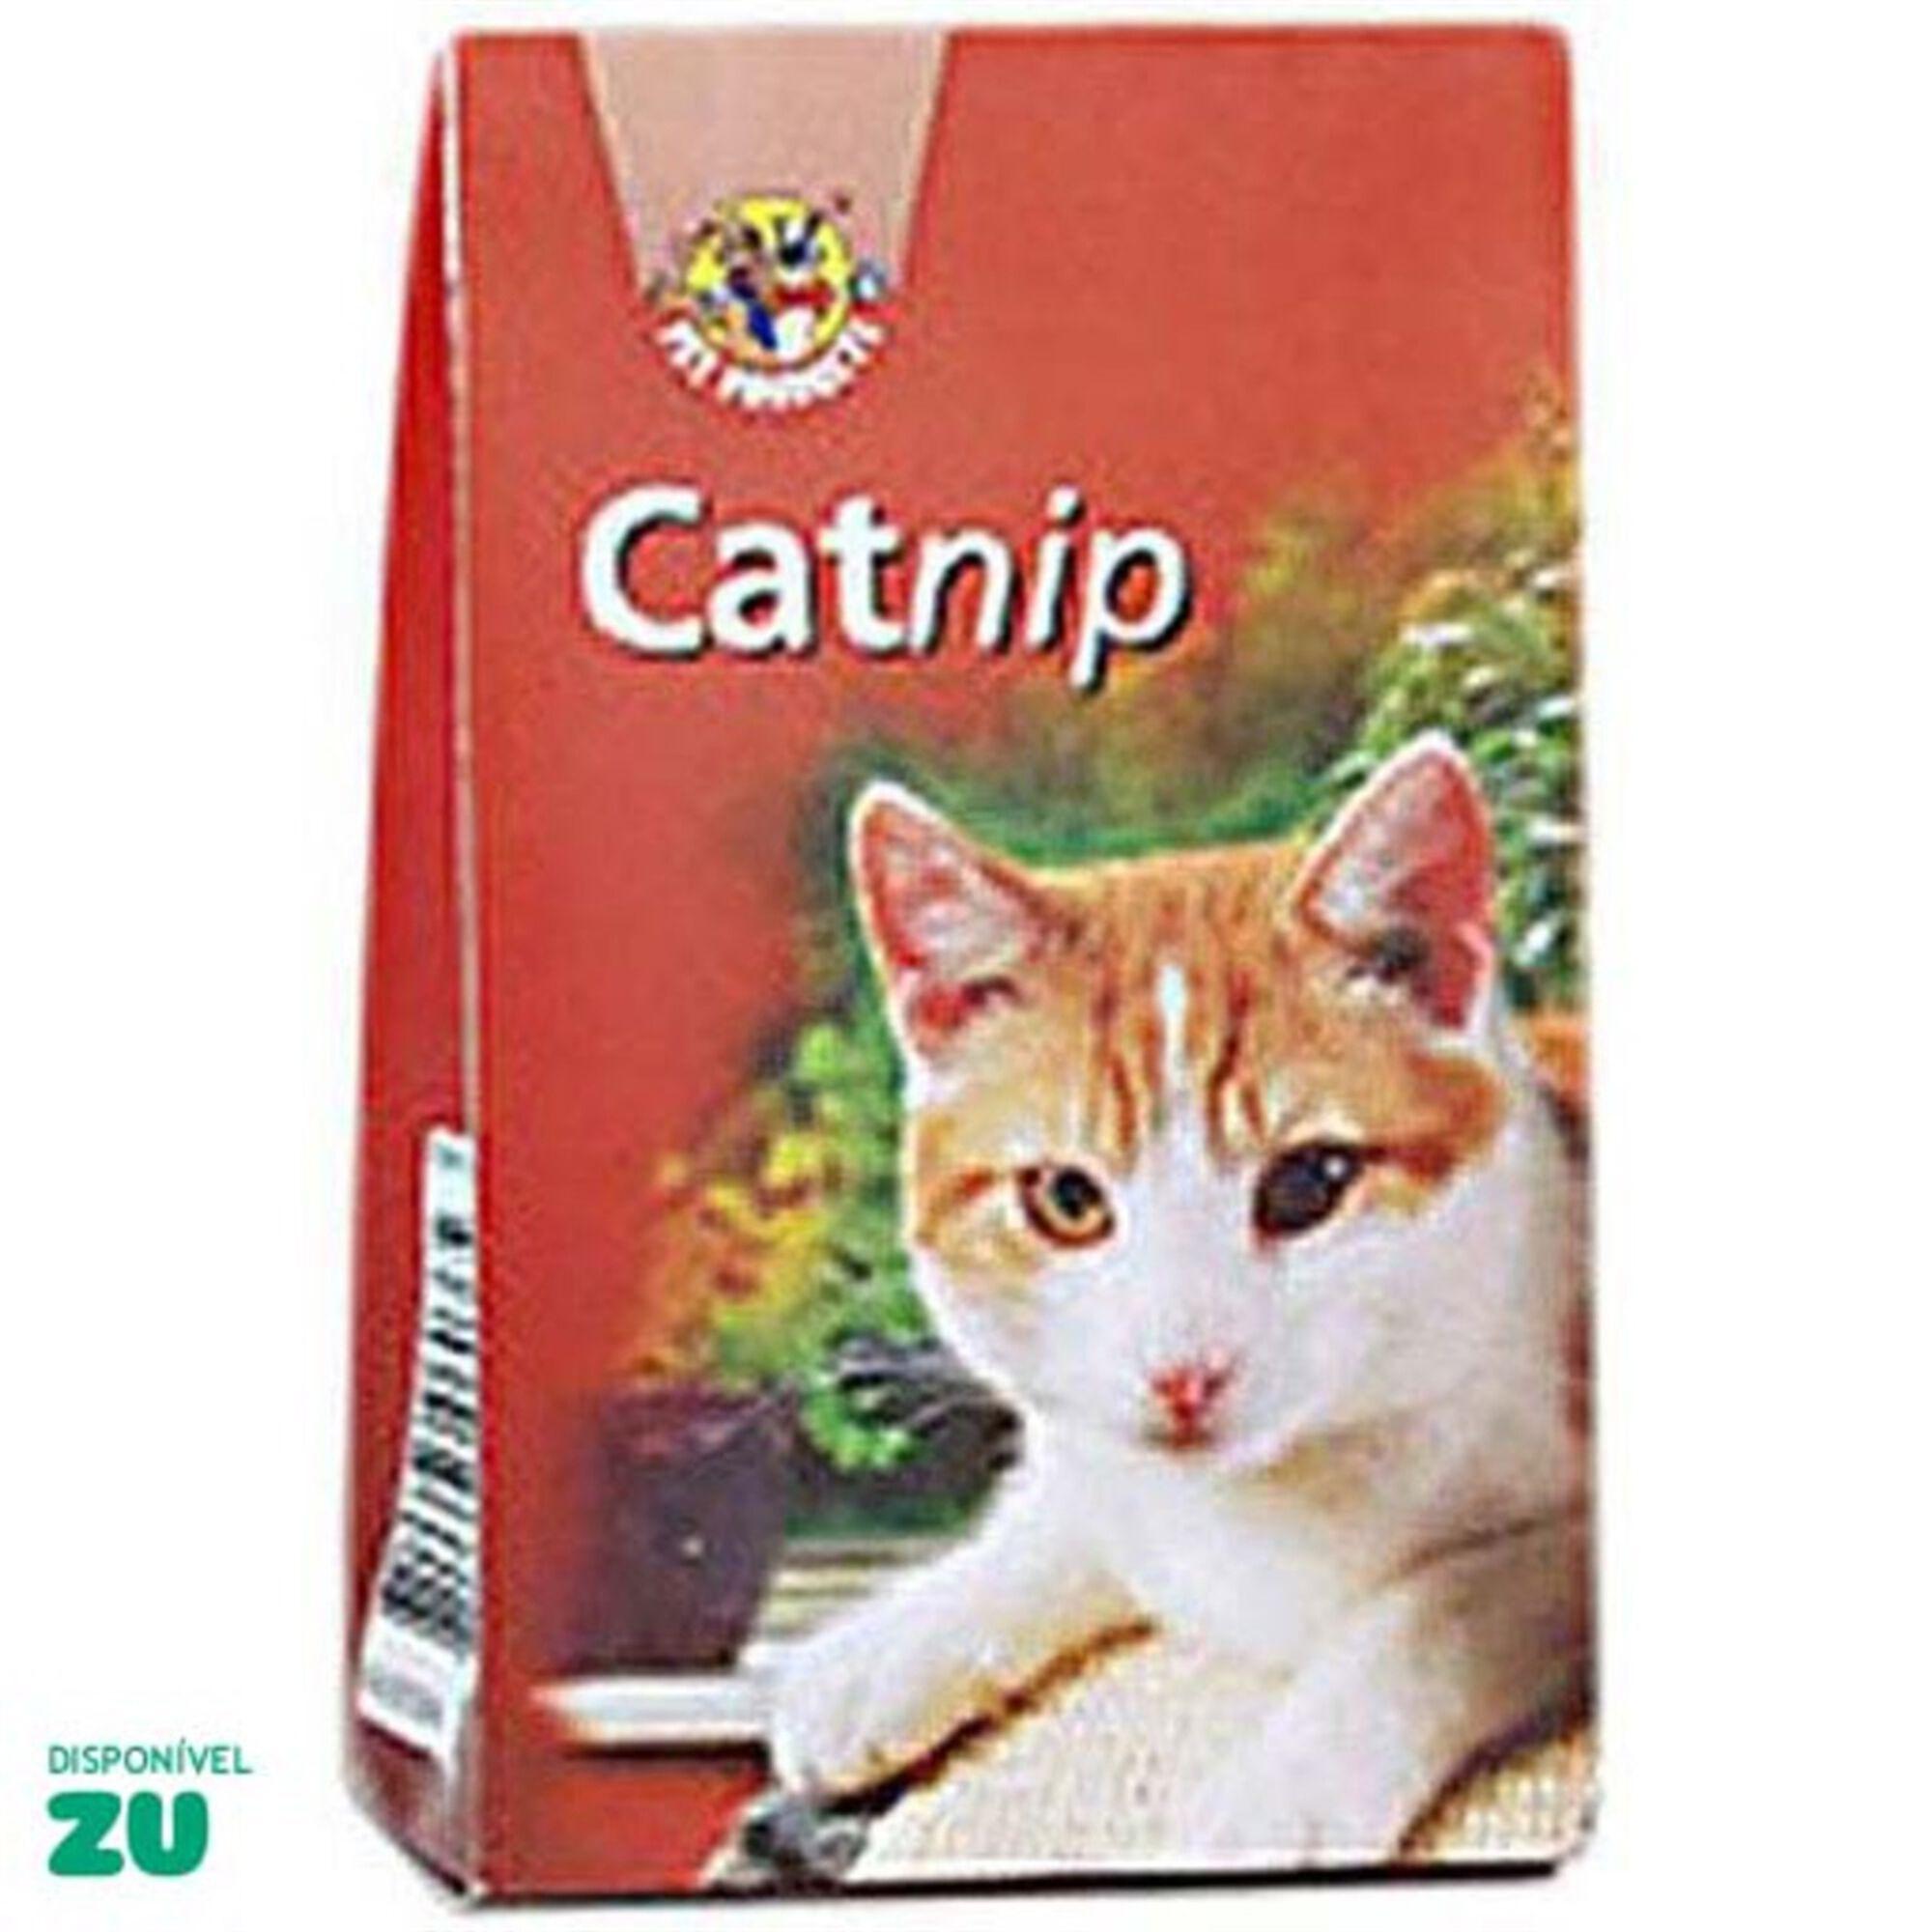 Caixa com Catnip 20 gr